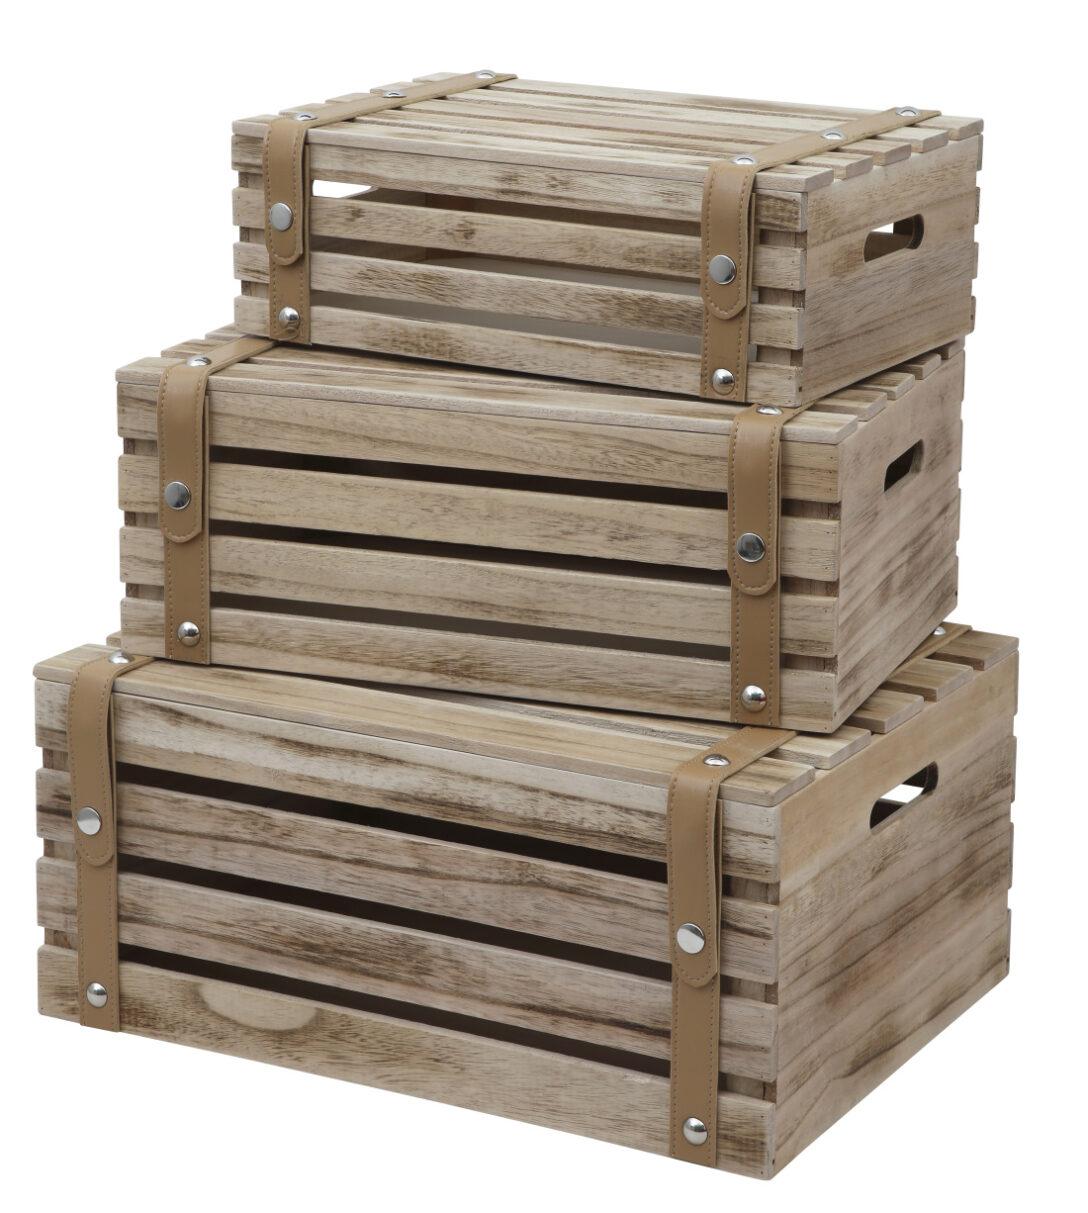 Large Size of 3er Set Deko Holzkiste 44cm Obstkiste Weinkiste Holz Kiste Regal 25 Cm Tief Schräge Kleiderschrank Zum Aufhängen Mit Schubladen String Regale Metall Regal Regal Kisten